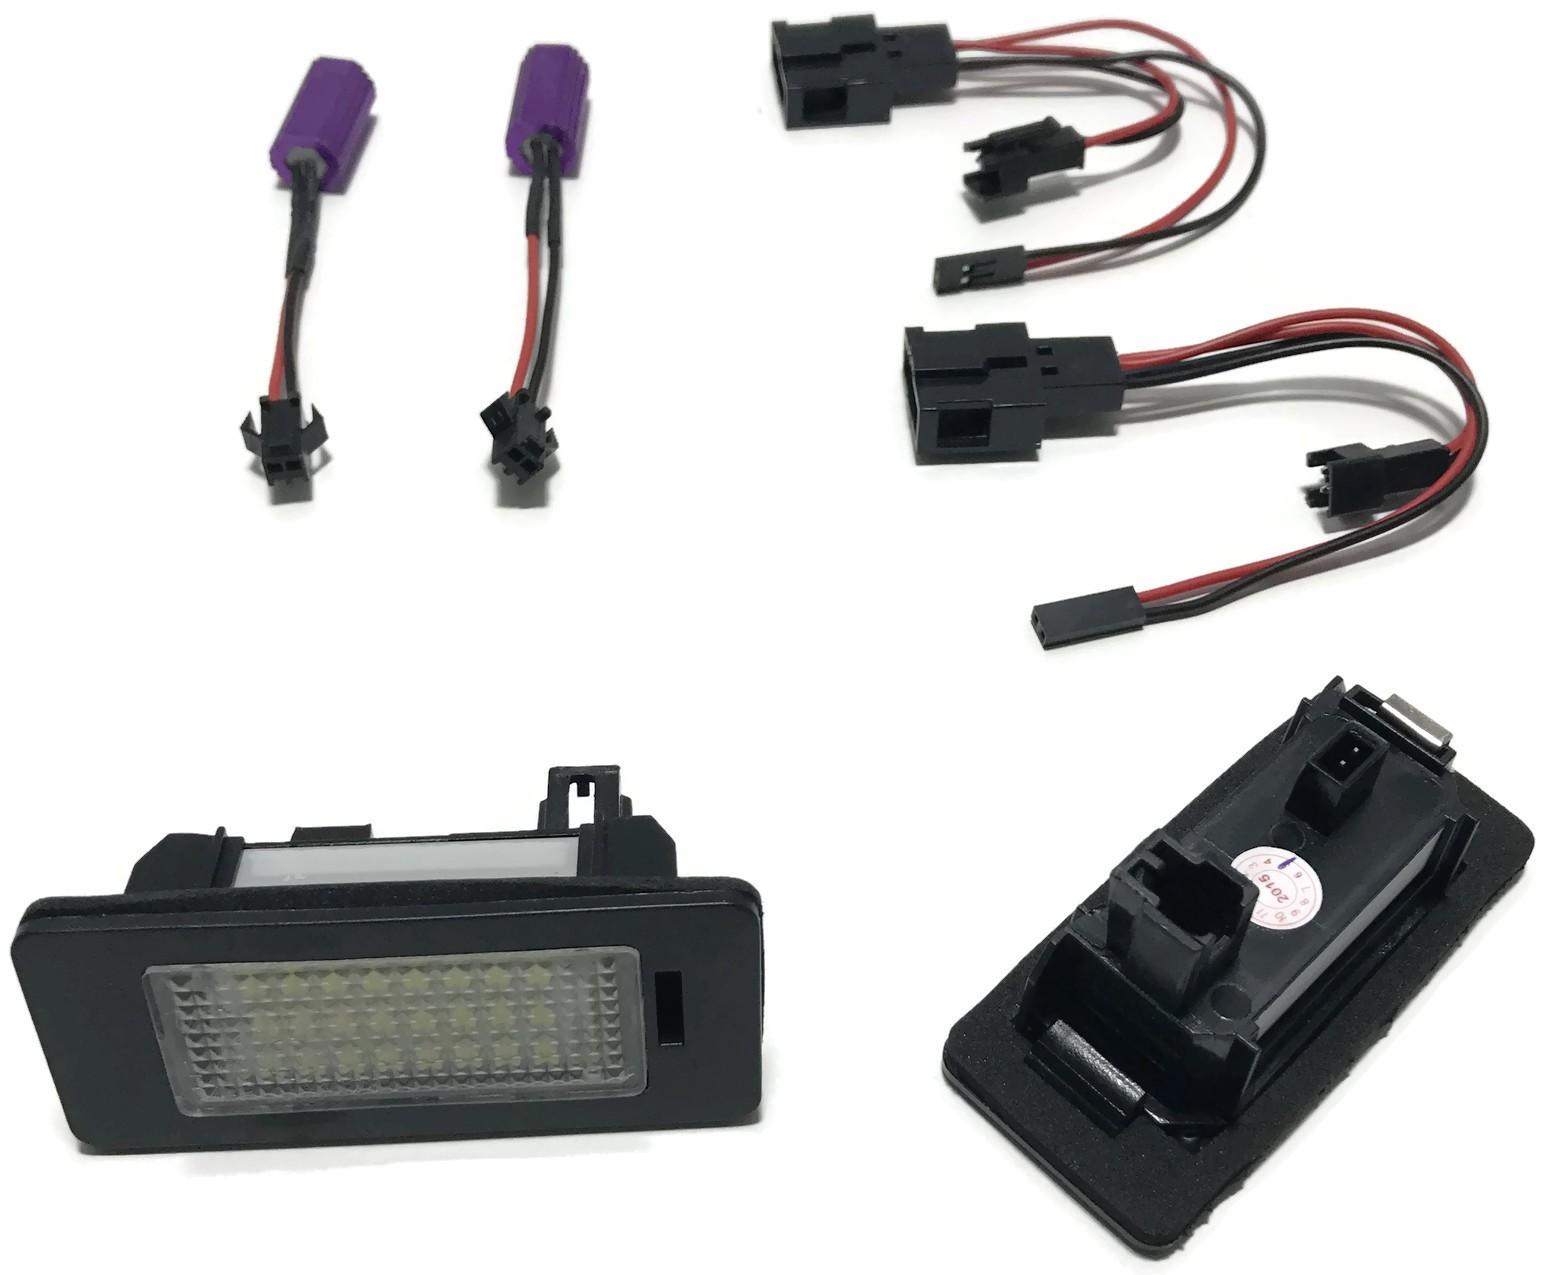 LAMPKI LED REJESTRACJI AUDI A4 A5 Q5 TT VW PASSAT